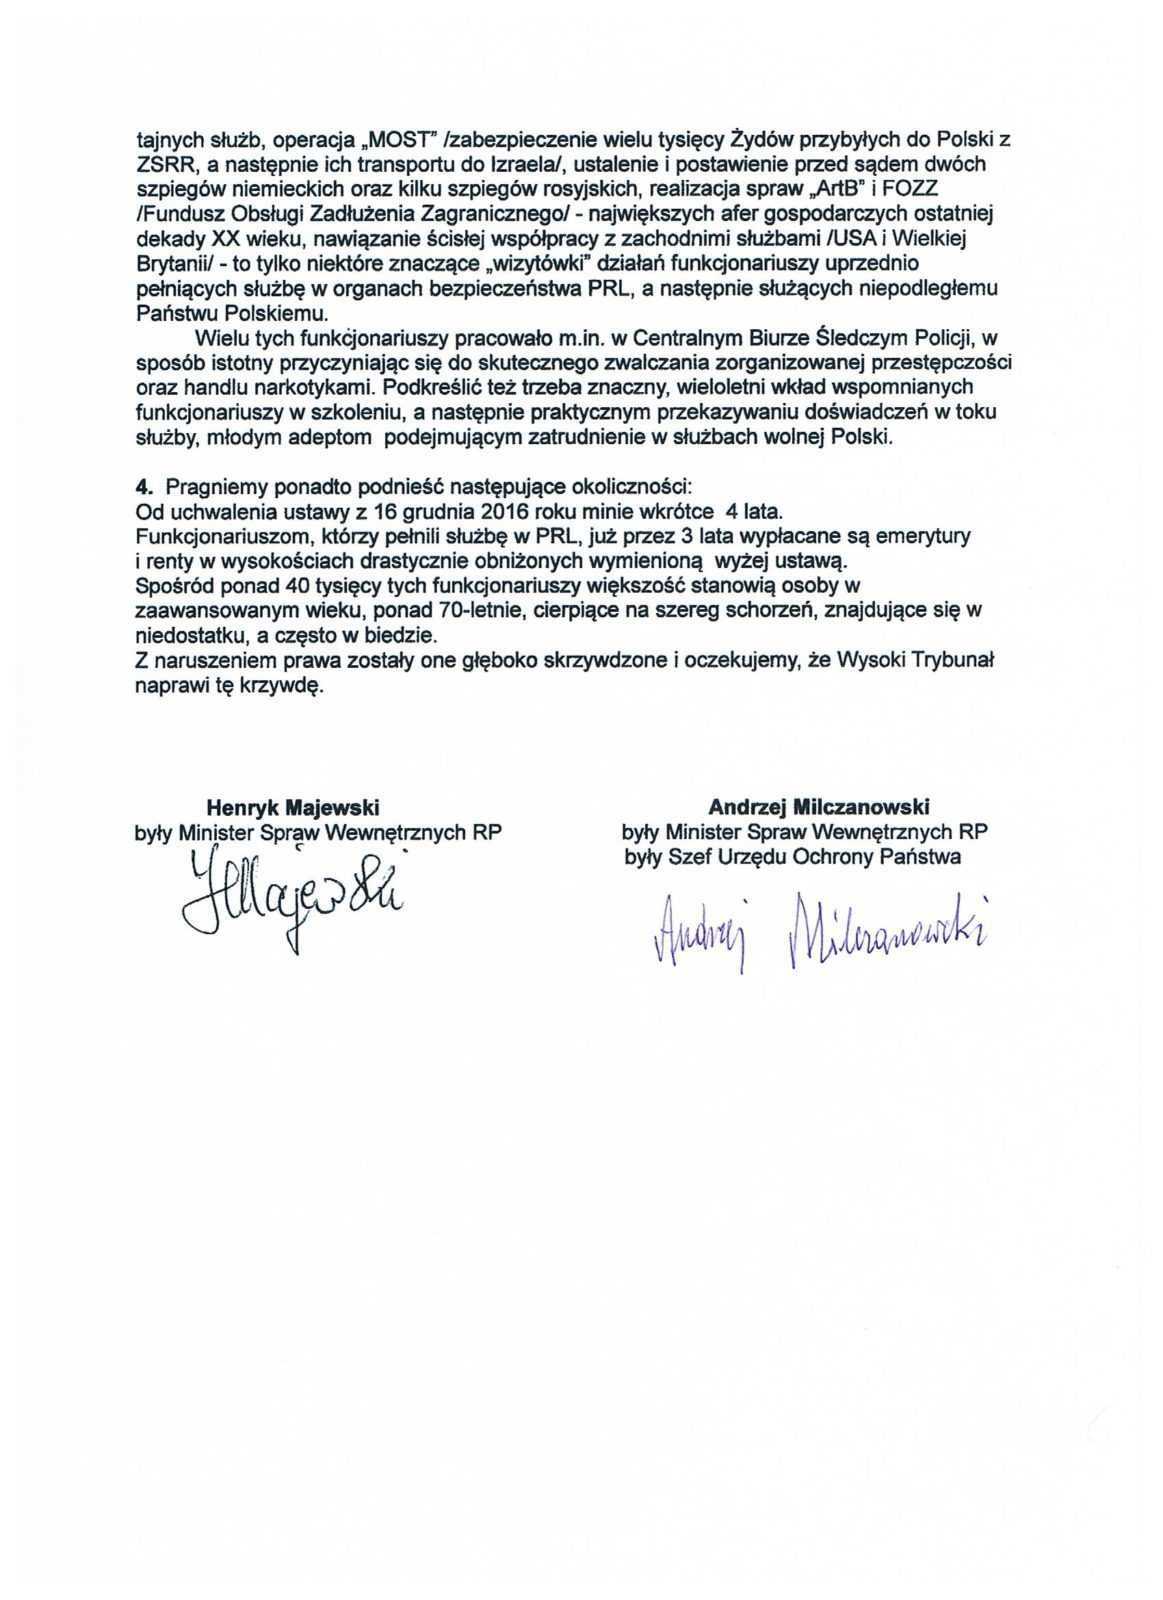 Ustawa represyjna: Milczanowski i Majewski piszą do TK o działaniach represyjnych i dyskryminacyjnych 6